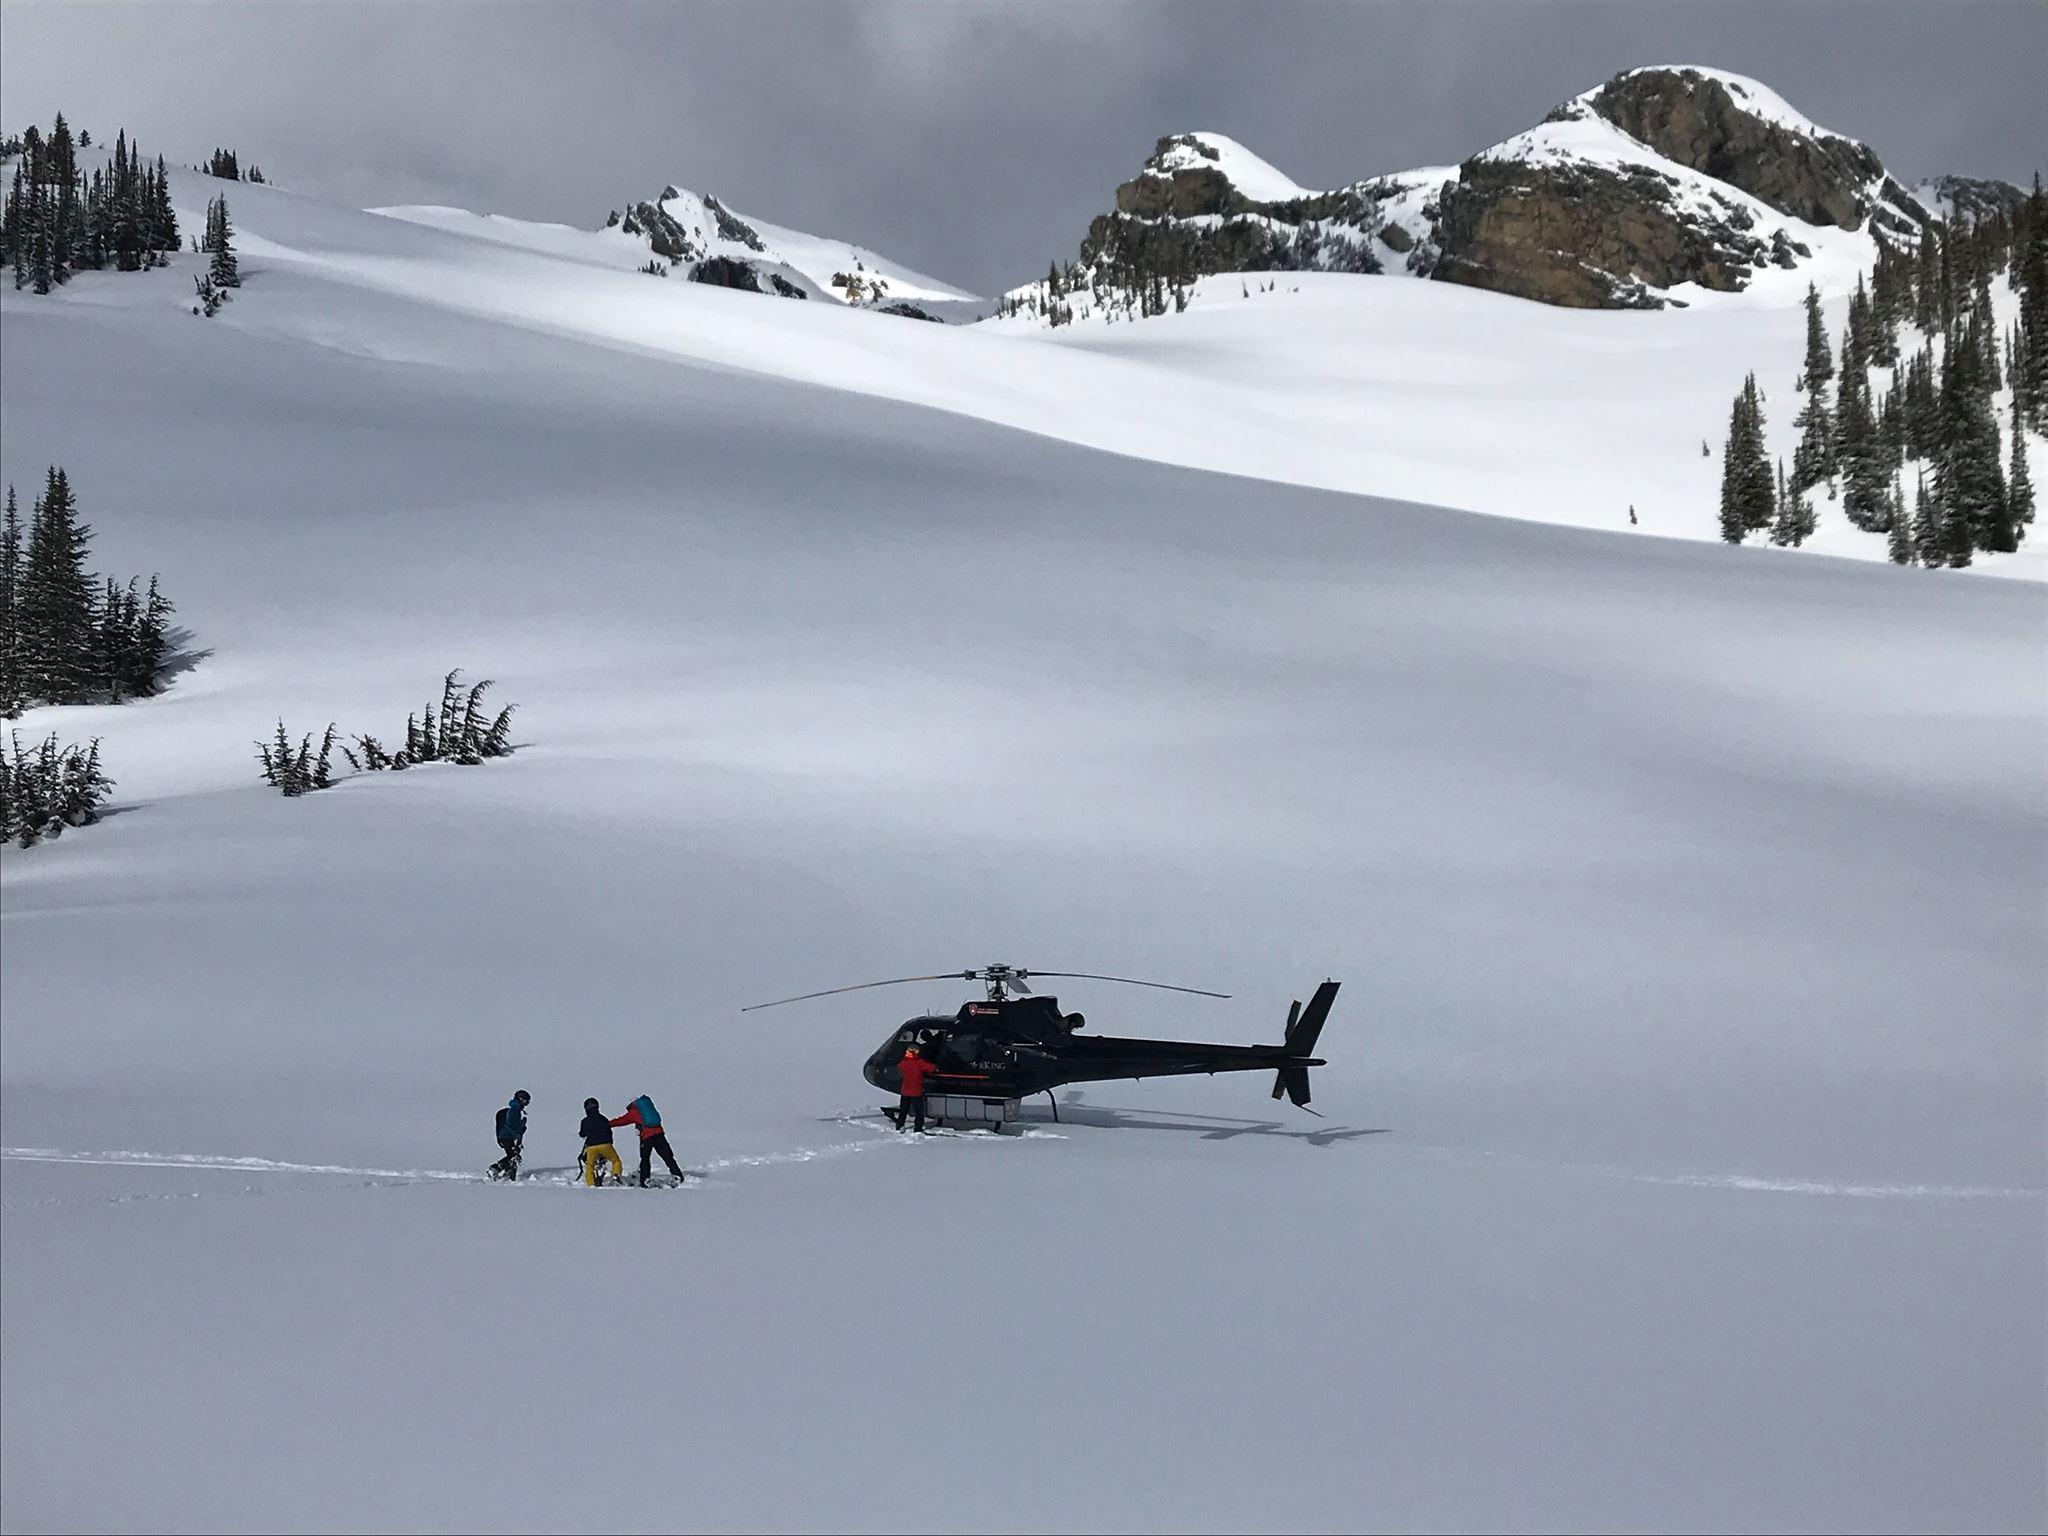 Helikopterski in Canada met WintersportCanadaAmerika